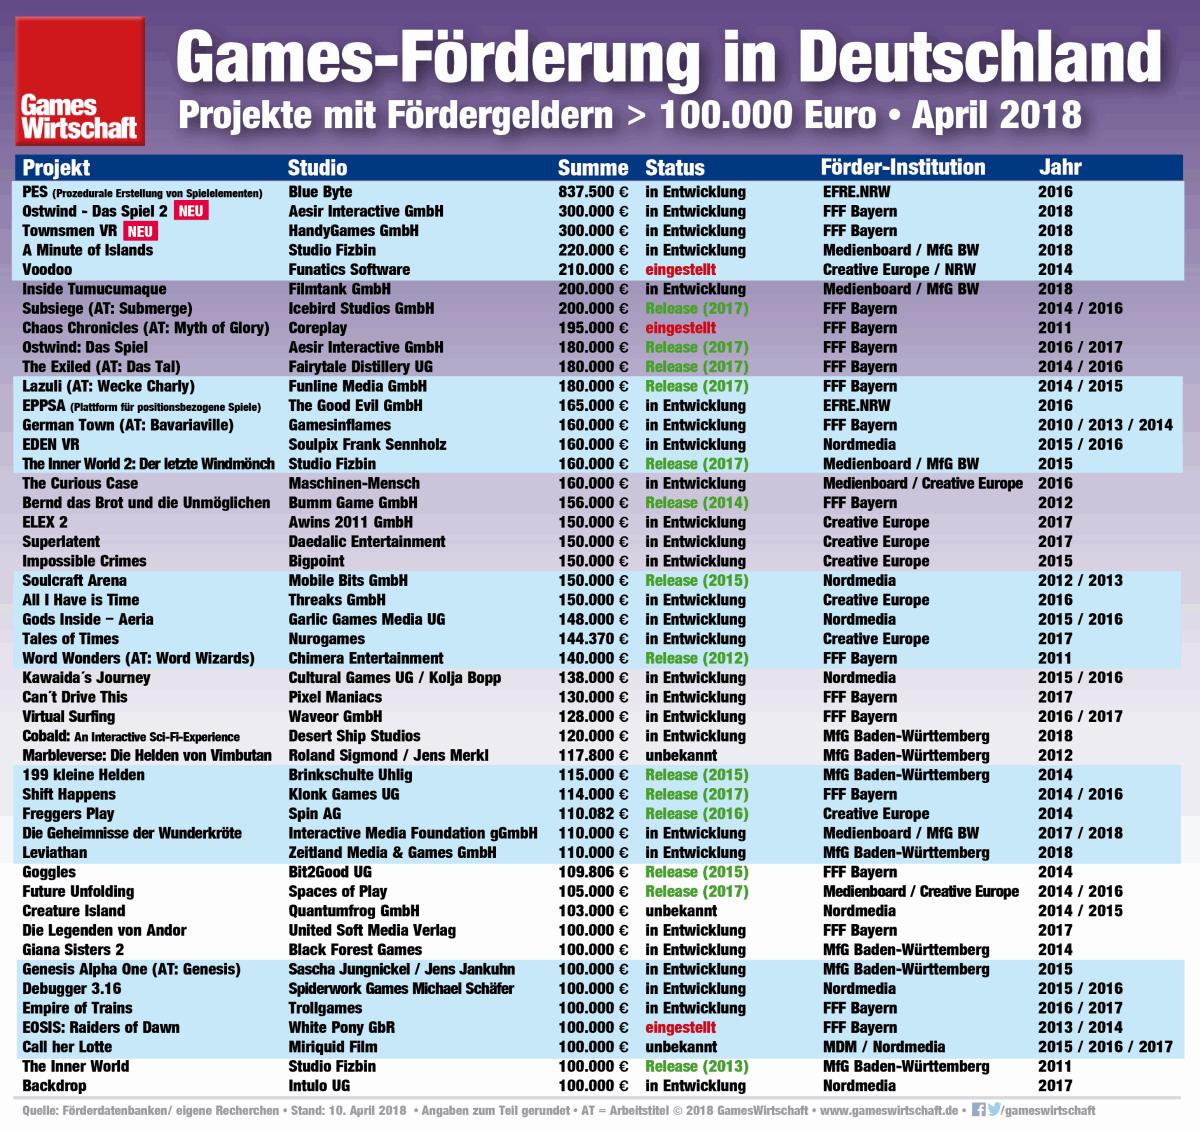 An diese Spiele aus Deutschland sind Fördergelder von mindestens 100.000 Euro geflossen (Stand: 10. April 2018).